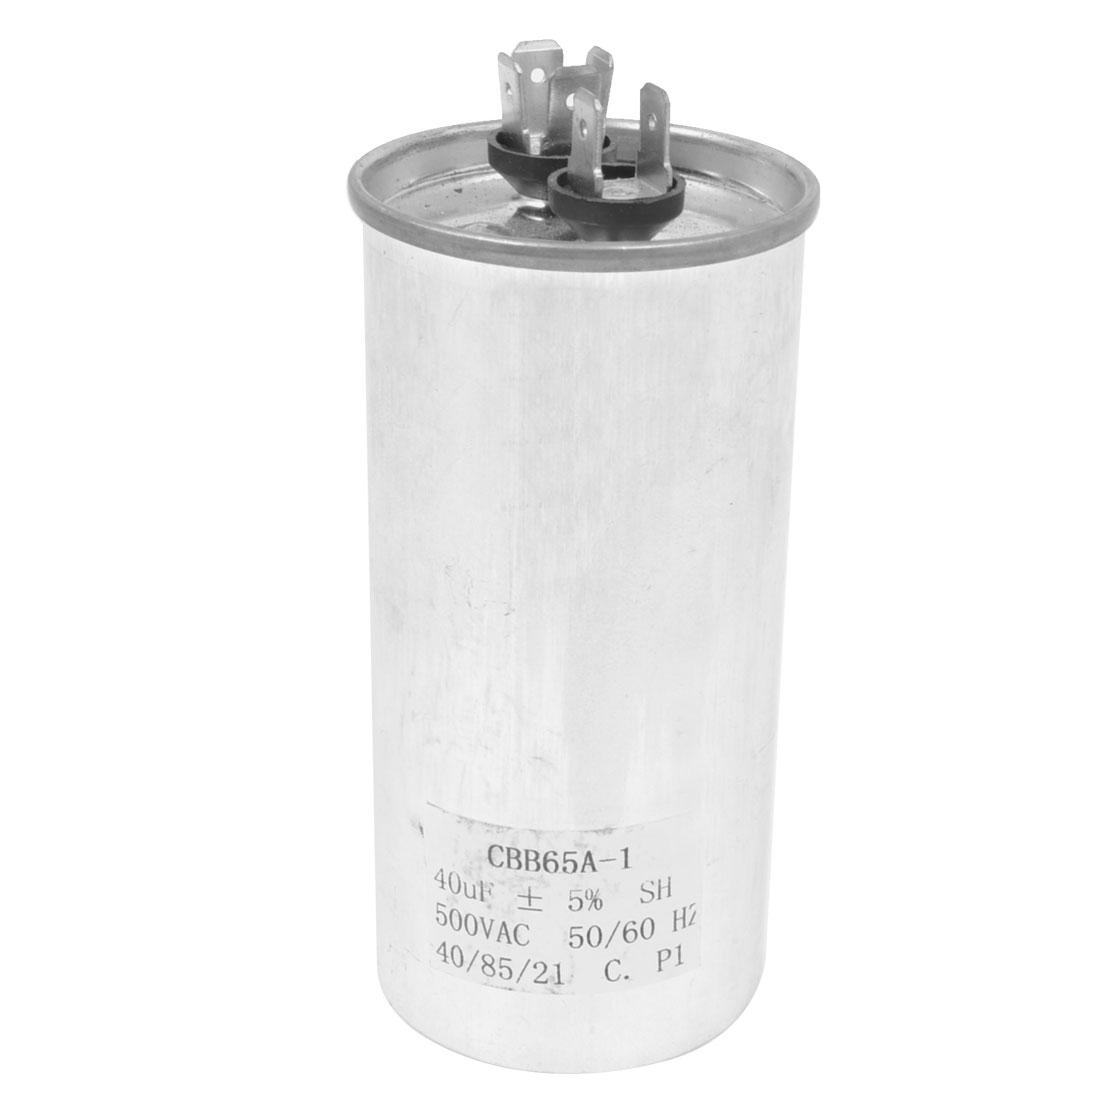 CBB65A-1 Polypropylene Film Motor Capacitor 40uF 50/60Hz AC 500V